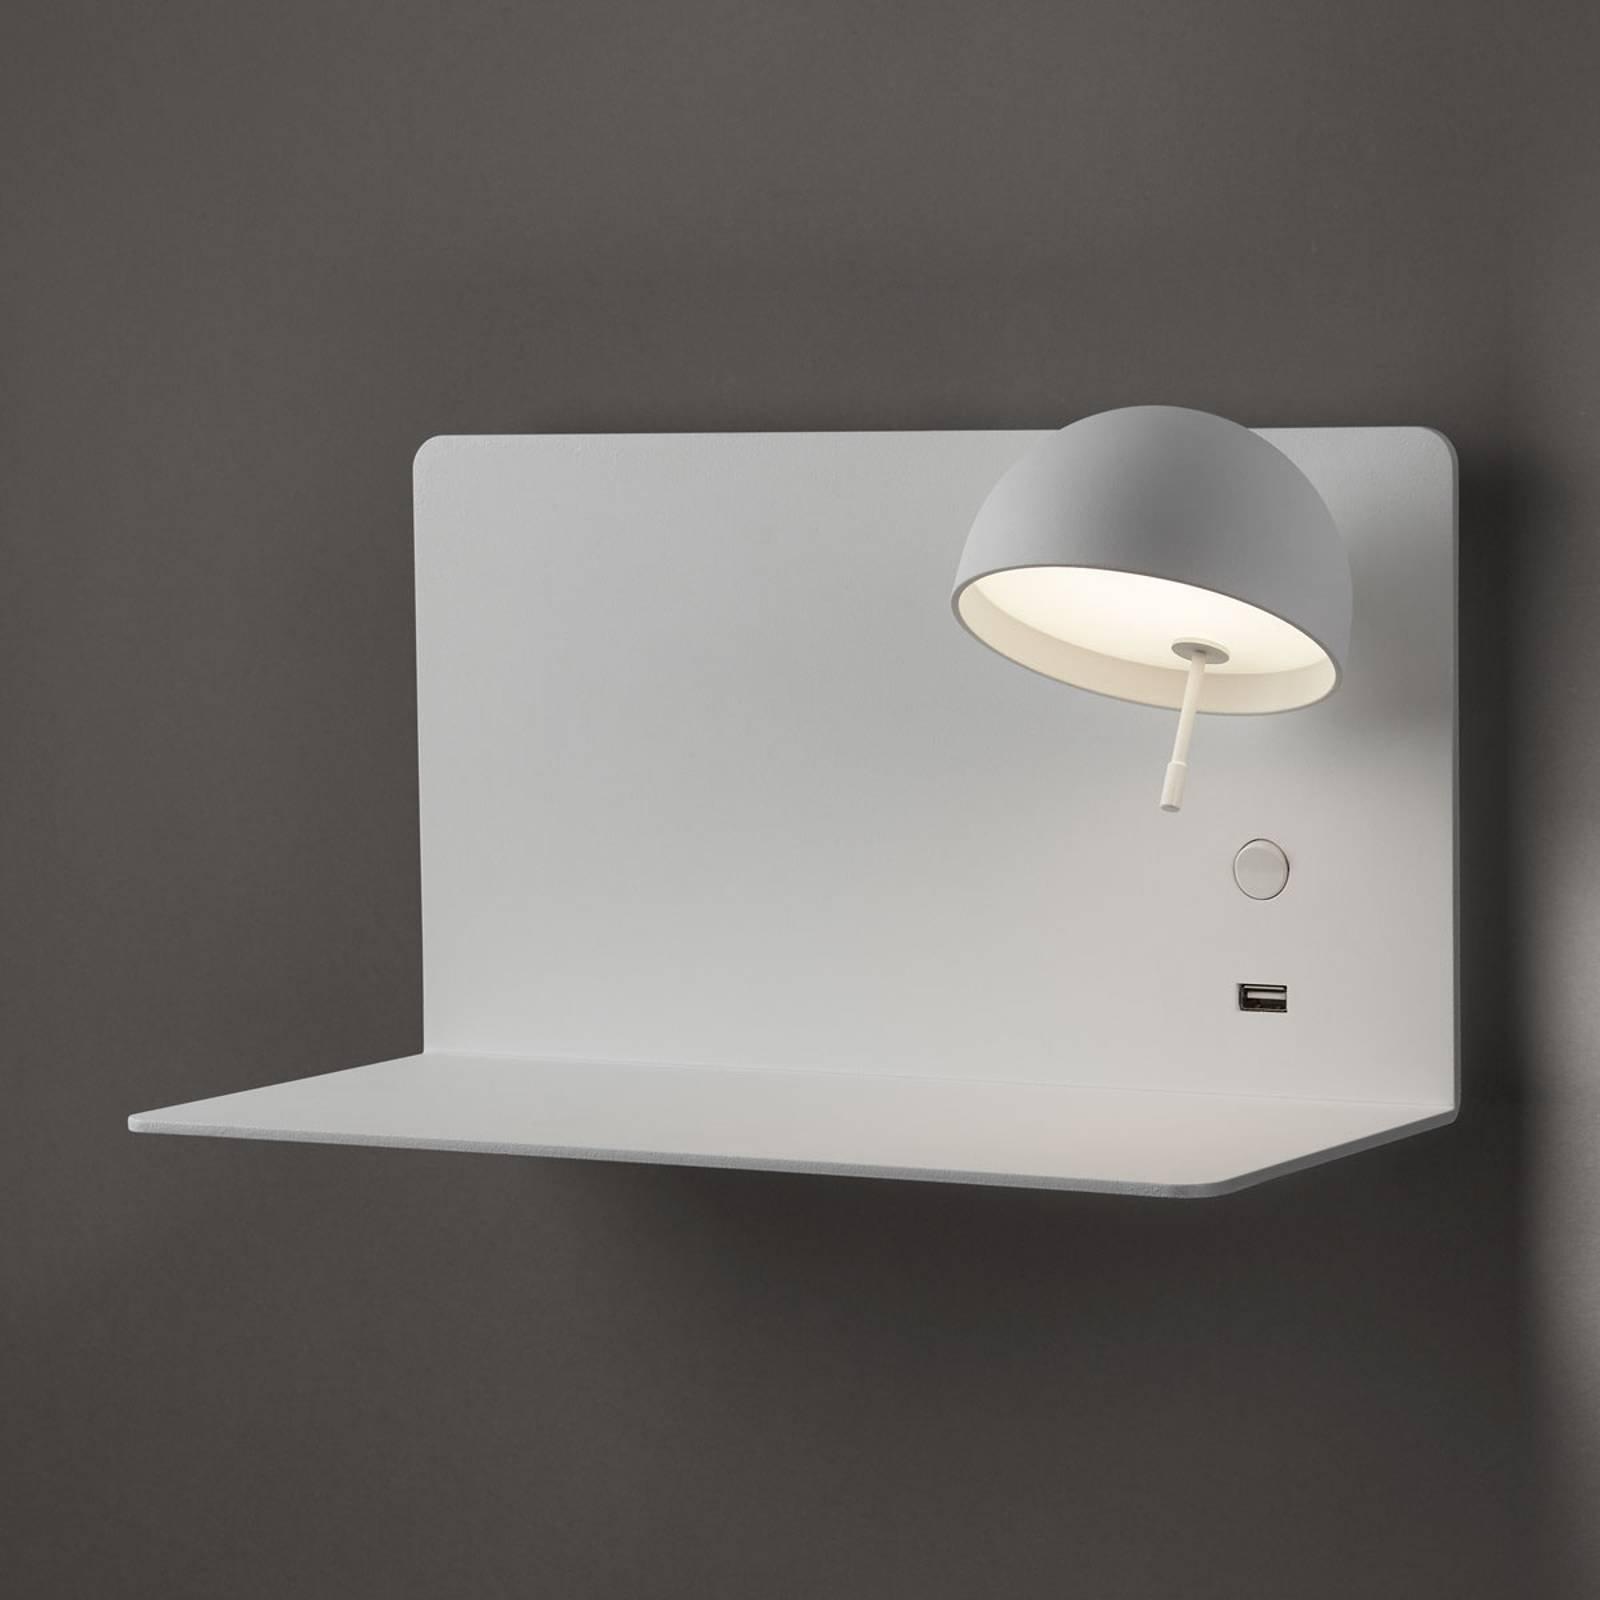 Bover Beddy A/03 LED-taklampe hvit spot høyre